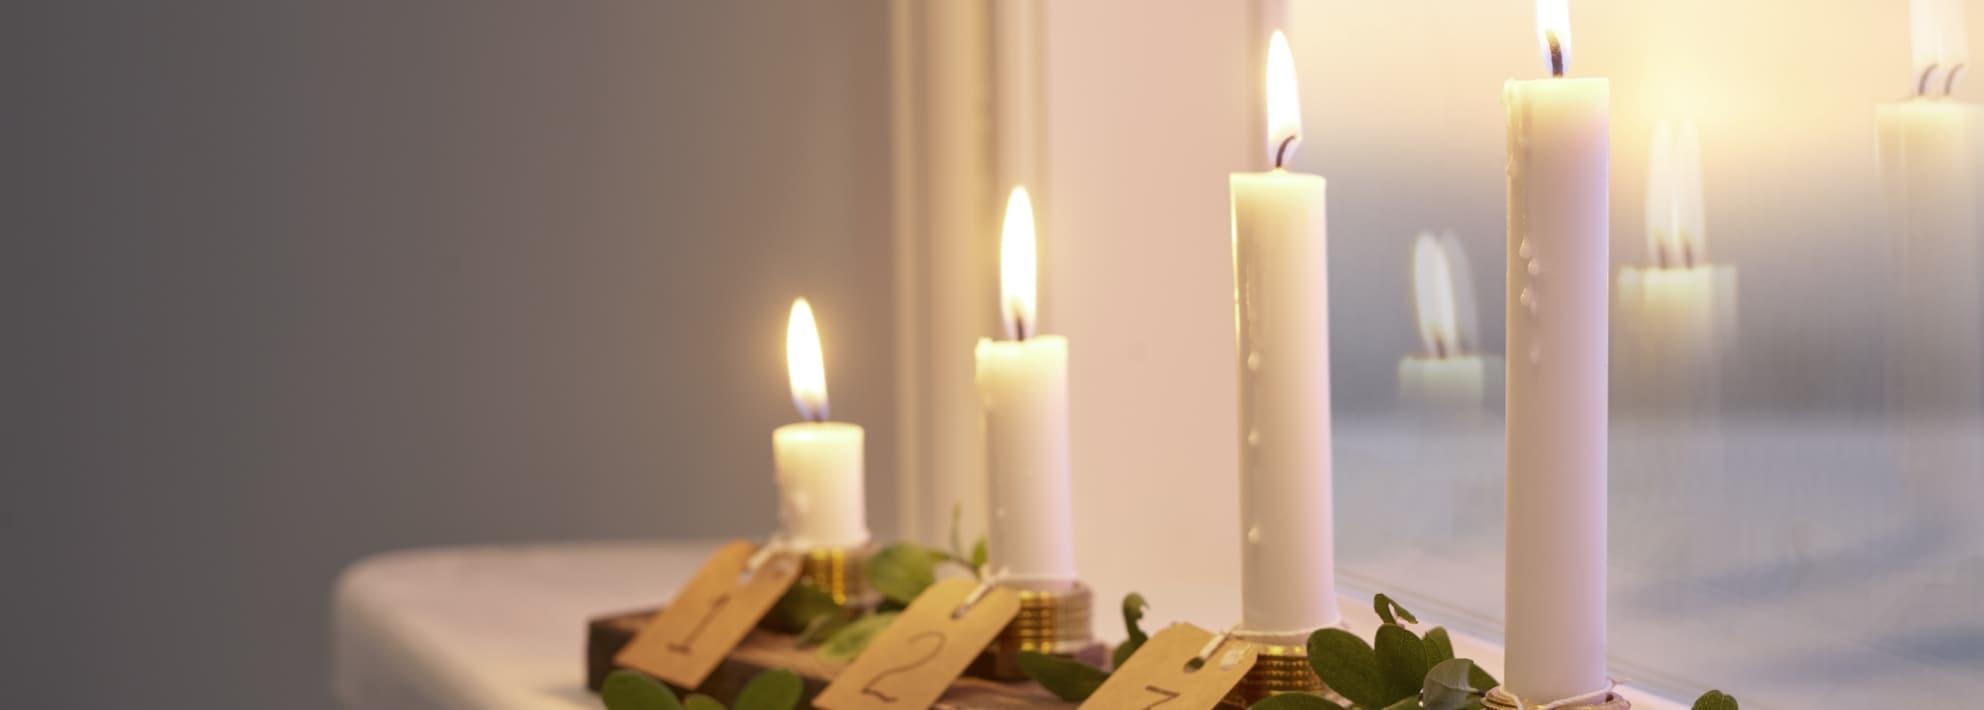 Joulukynttilät